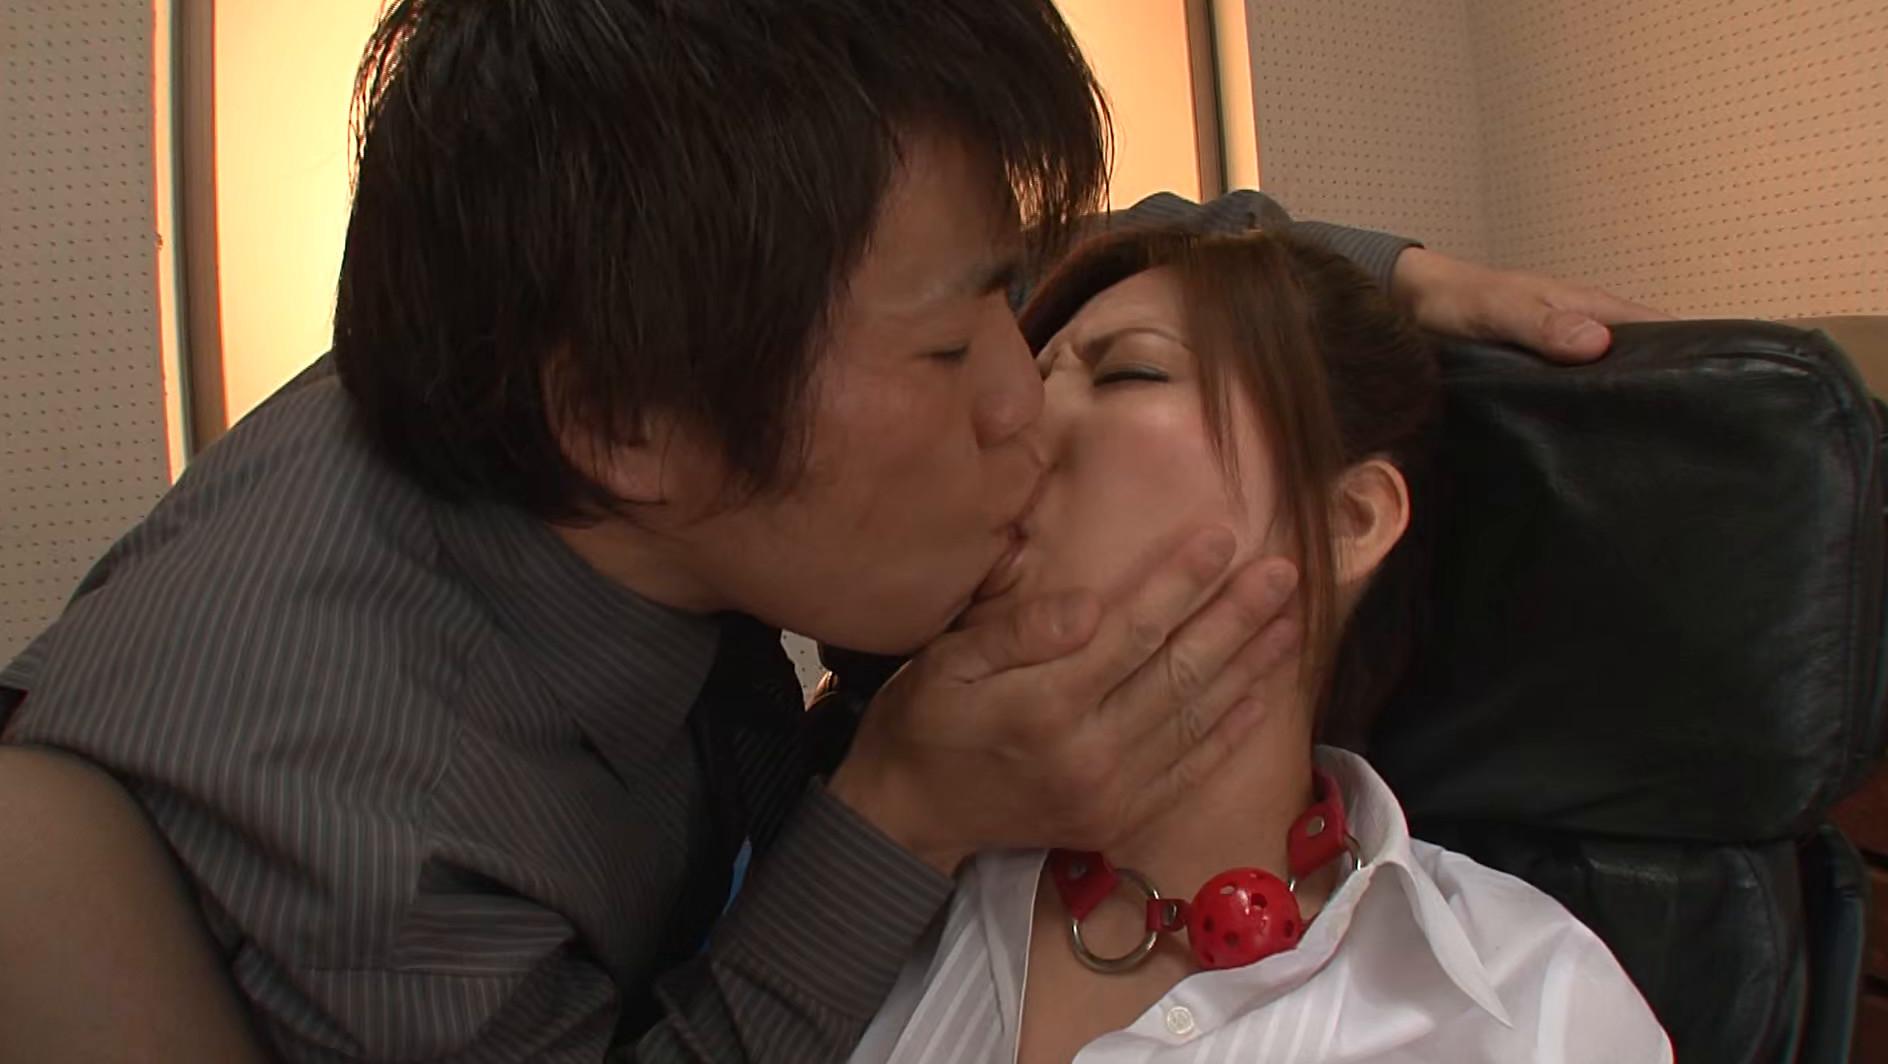 そんな弱っちい目で見ないでくださいよぉ・・・いつもは怖~い椎名先生(笑) 椎名ゆな 画像3